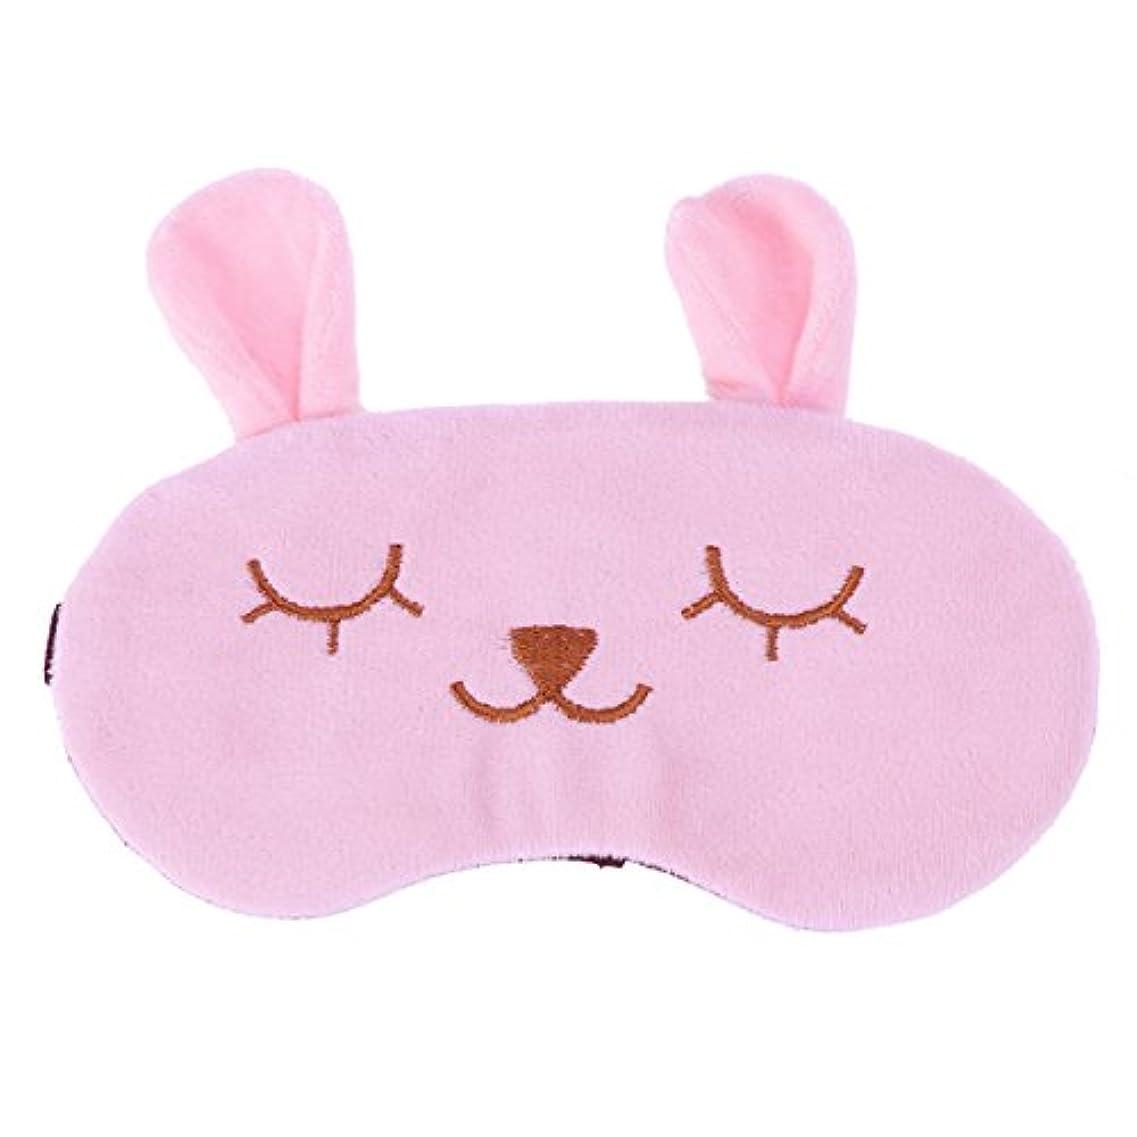 ほのか茎息切れSUPVOX 昼寝瞑想のための豪華な睡眠のアイマスクかわいい冷却目隠しアイシェードポータブル